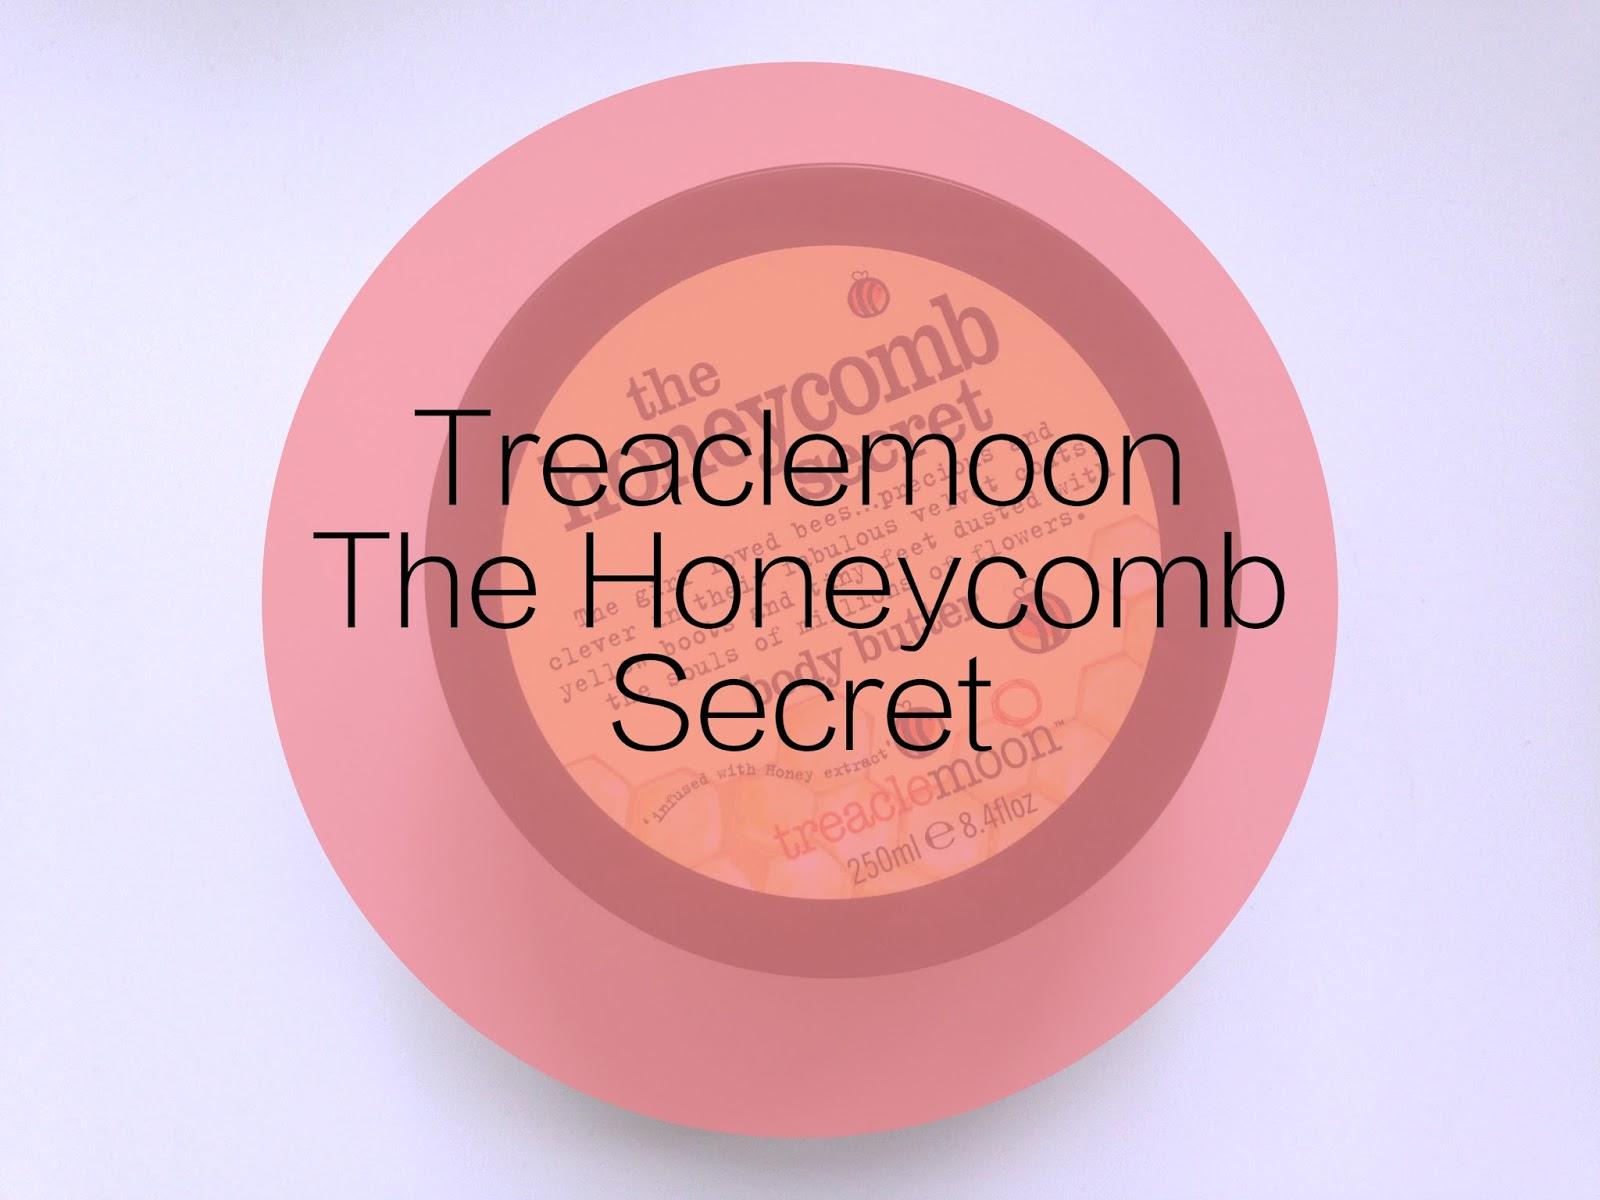 Treaclemoon The Honeycomb Secret Body Butter